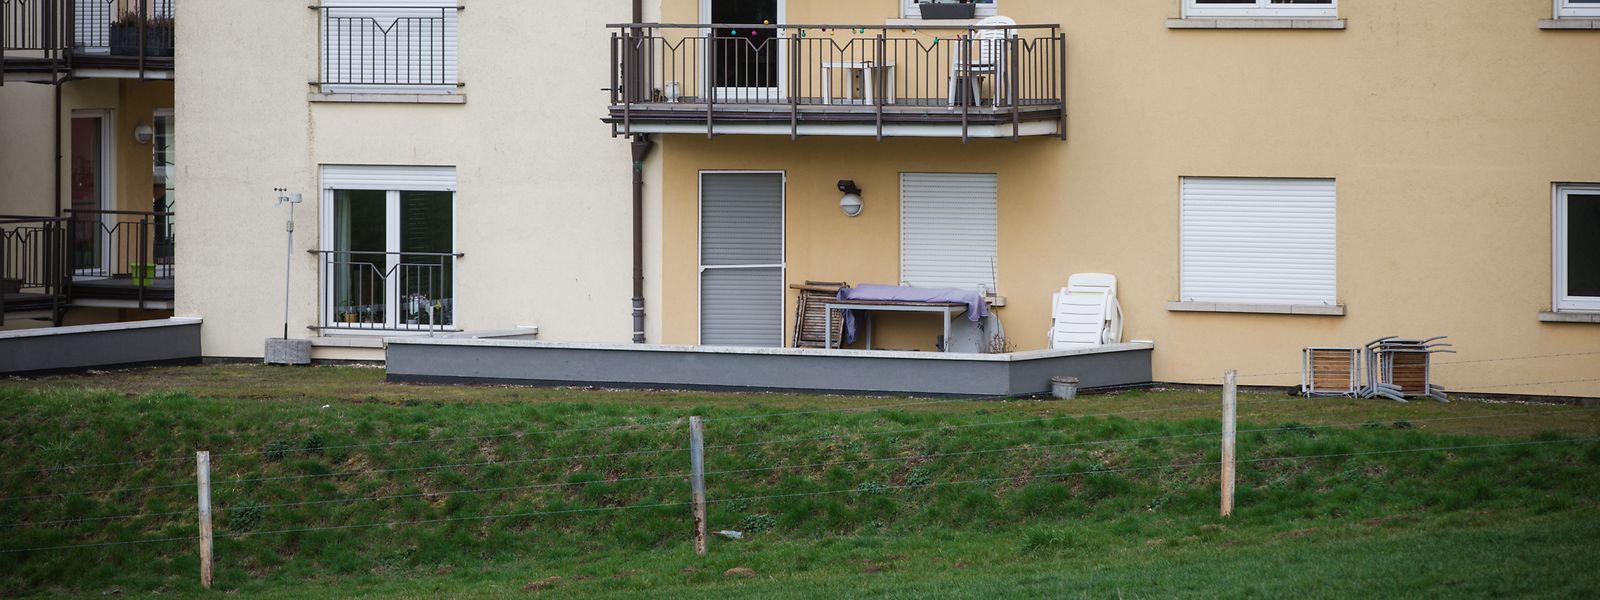 Als die Frau von der Kugel getroffen wurde, befand sie sich mit Freunden auf dieser Terrasse.